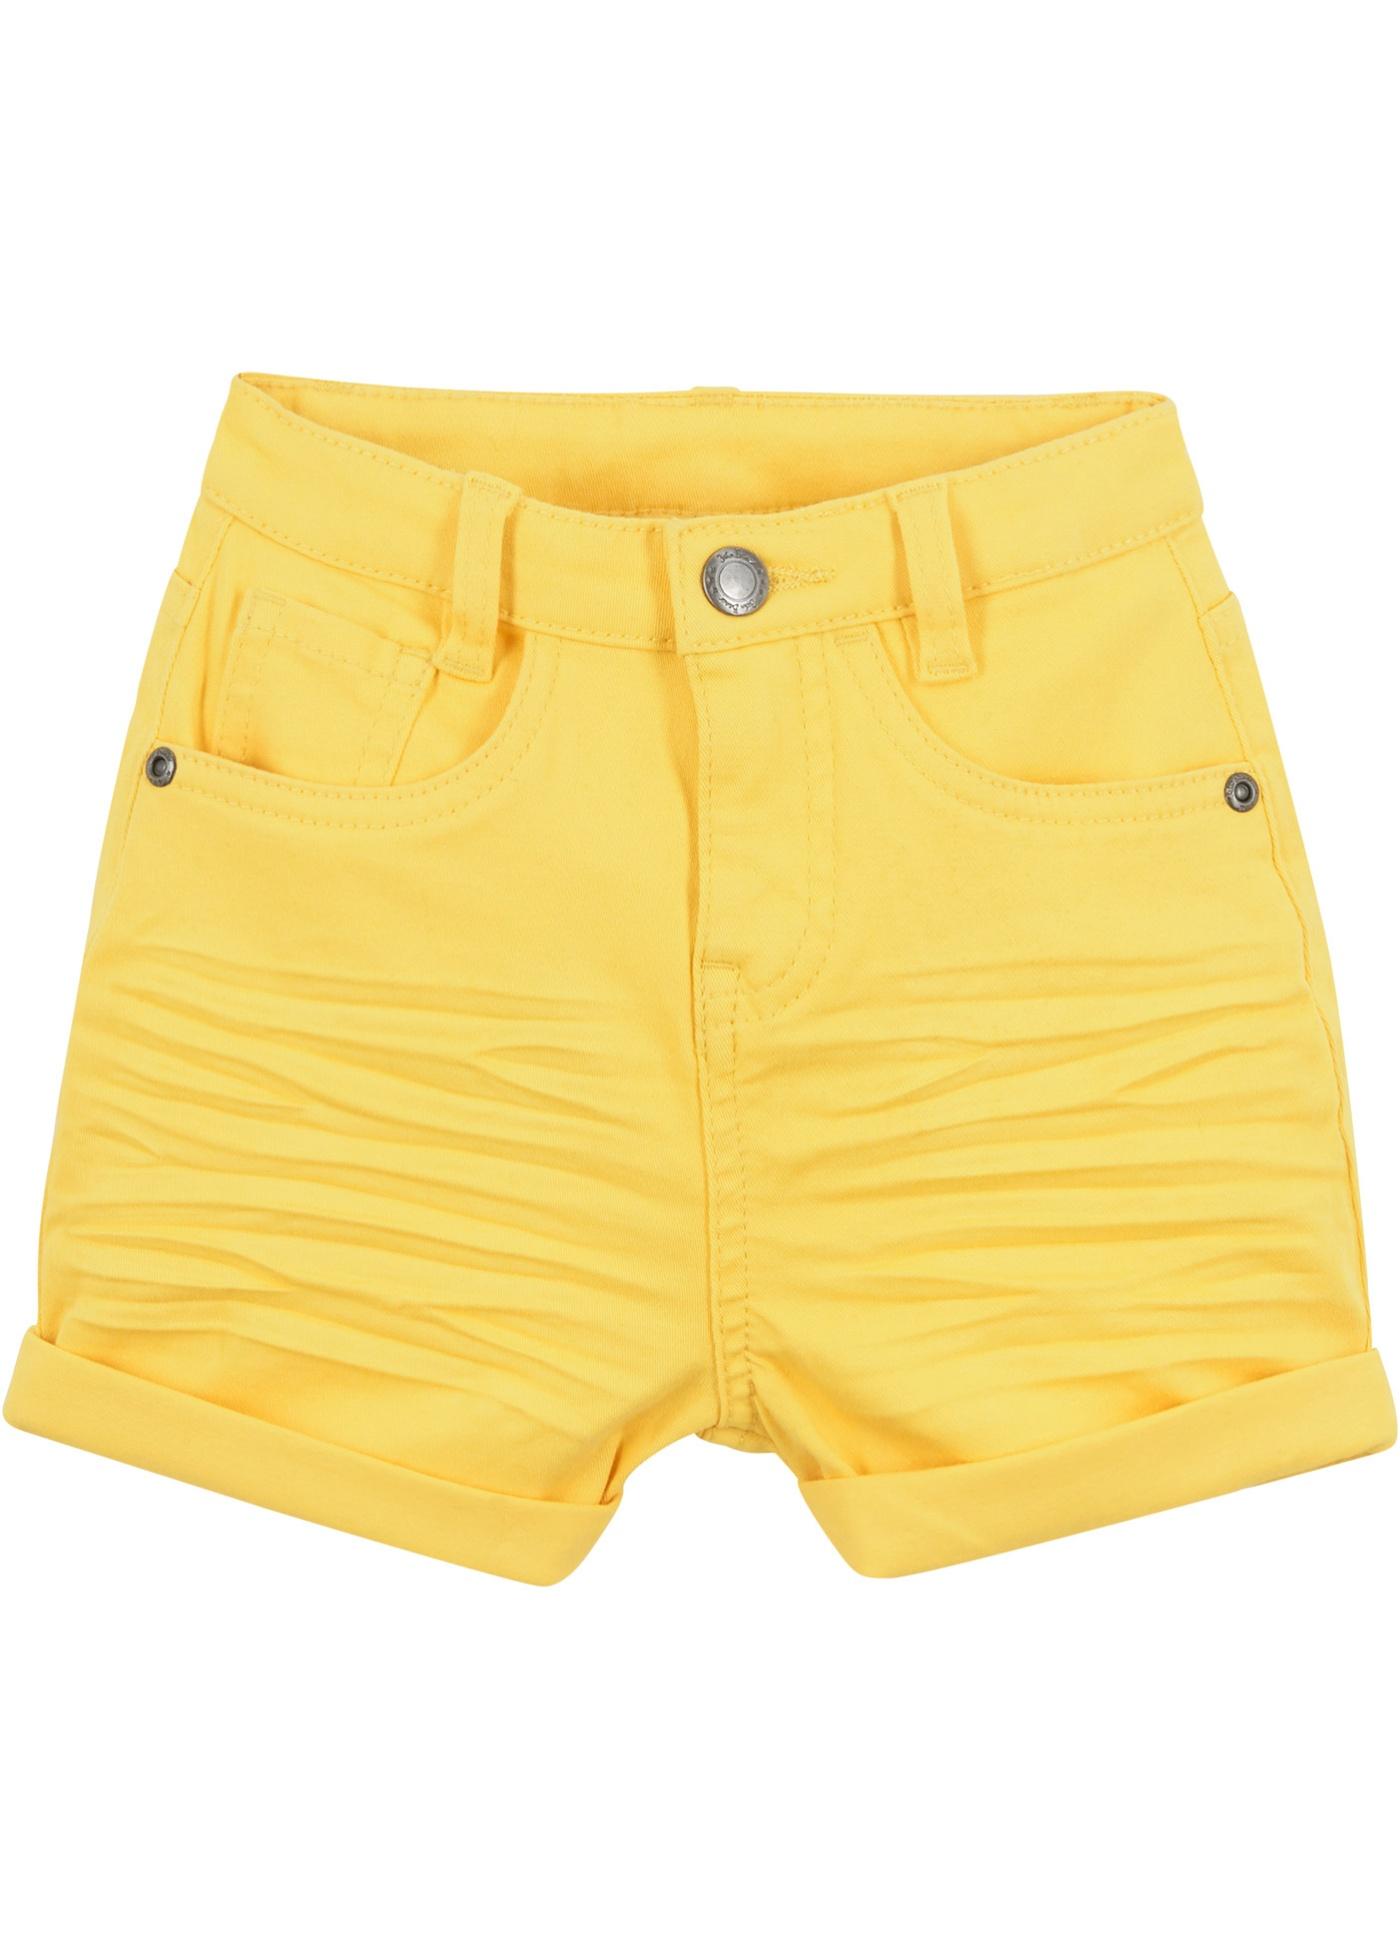 Mädchen Twillshorts in gelb für Mädchen von bonprix